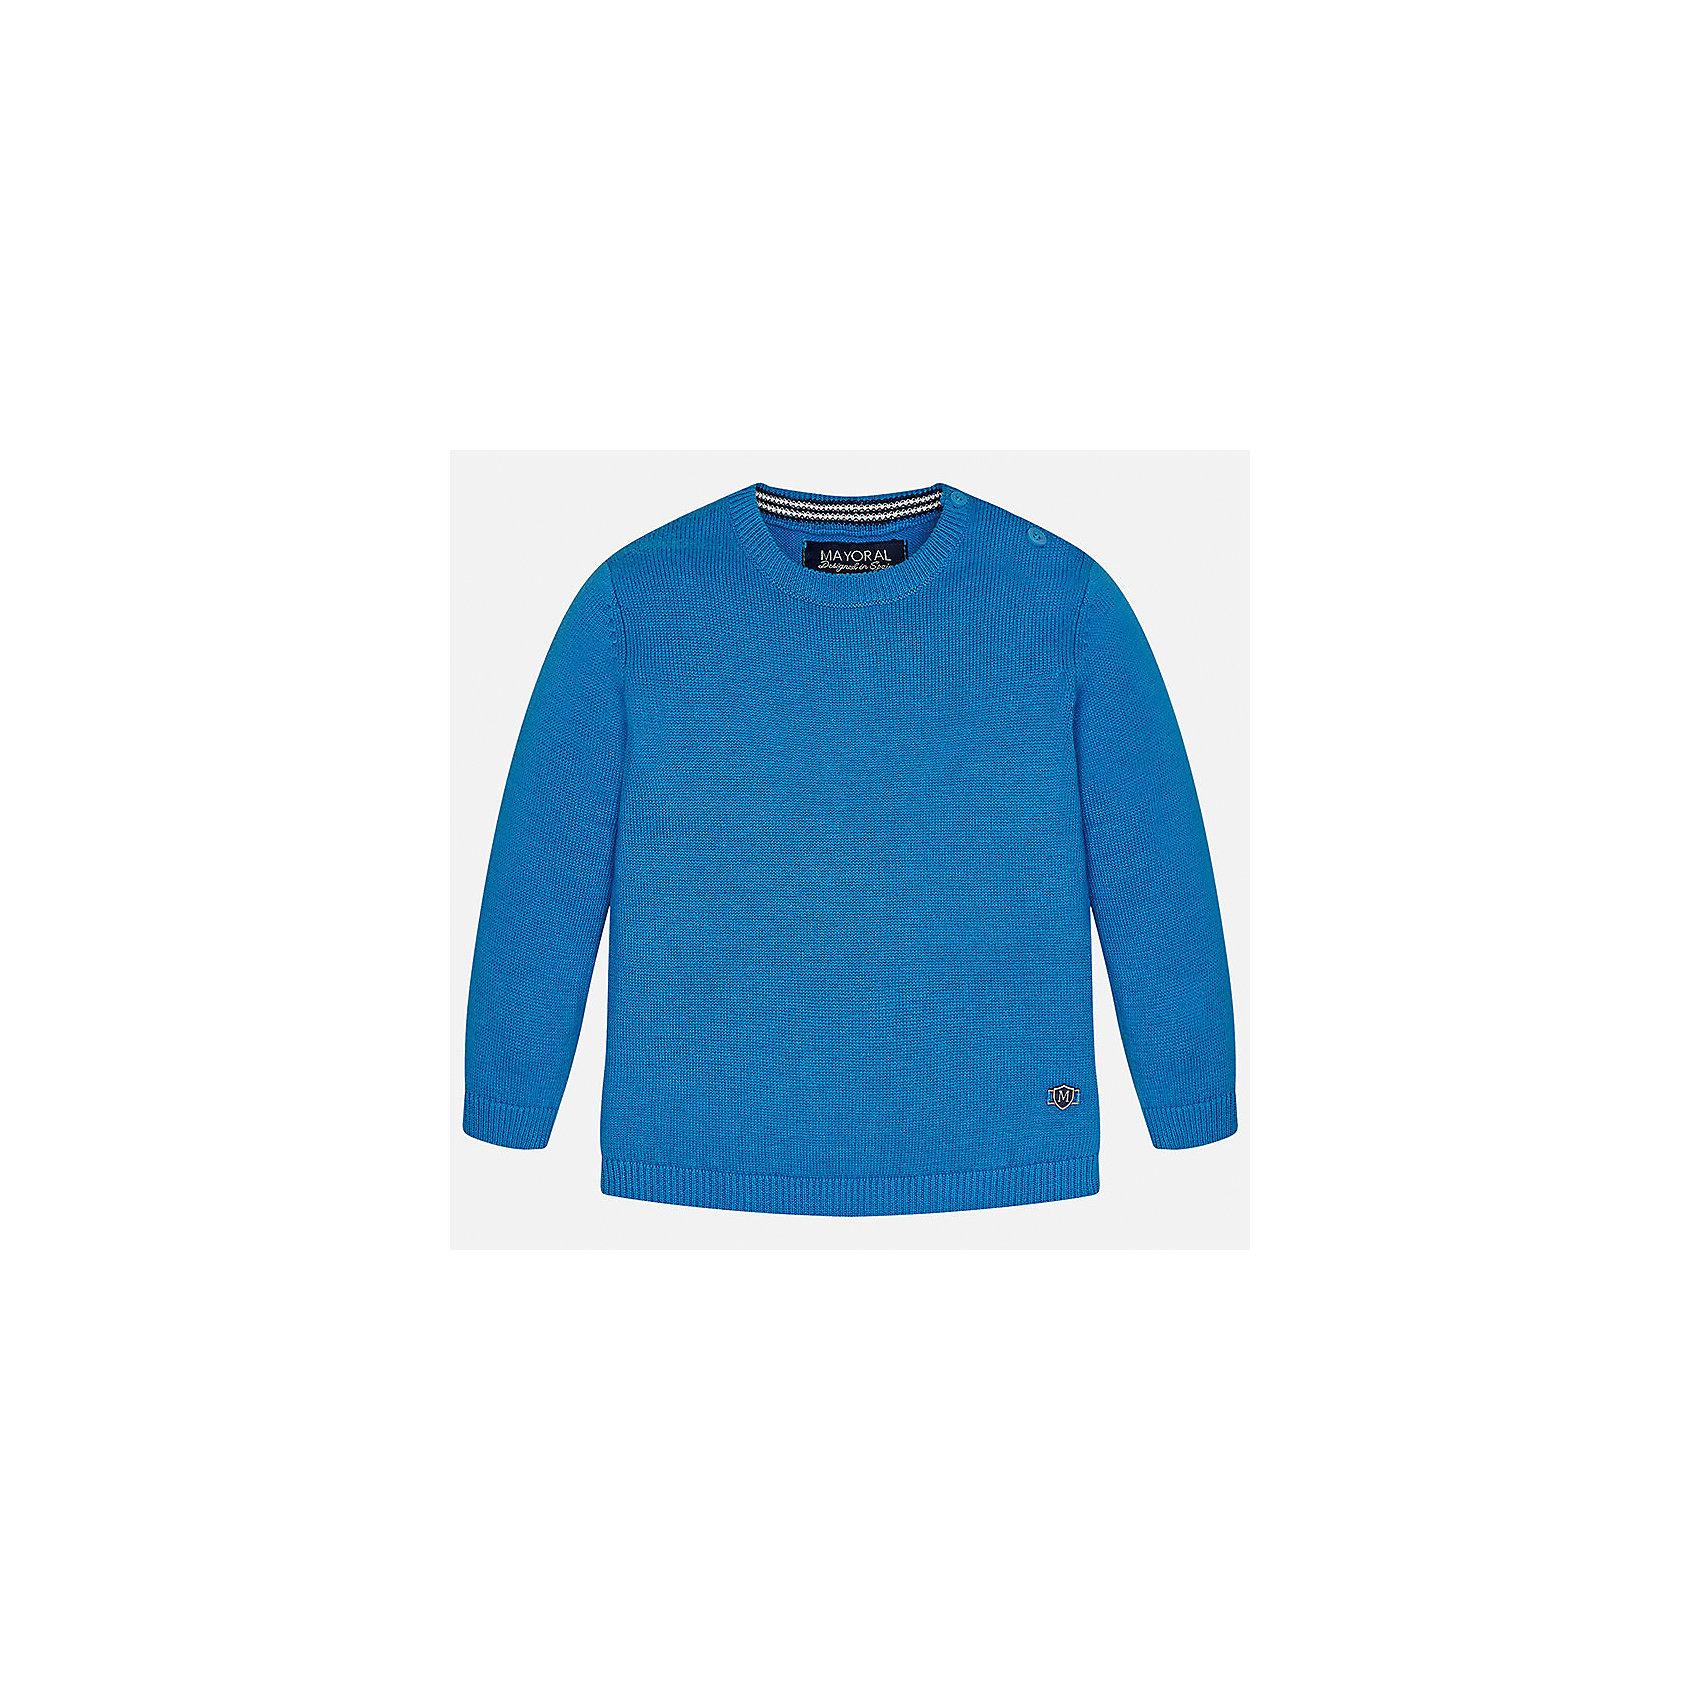 Свитер для мальчика MayoralСвитера и кардиганы<br>Характеристики товара:<br><br>• цвет: голубой<br>• состав: 100% хлопок<br>• рукава длинные <br>• пуговицы на плече<br>• округлая горловина<br>• манжеты<br>• страна бренда: Испания<br><br>Удобный и красивый свитер для мальчика поможет разнообразить гардероб ребенка и обеспечить тепло. Он отлично сочетается и с джинсами, и с брюками. Универсальный цвет позволяет подобрать к вещи низ различных расцветок. Интересная отделка модели делает её нарядной и оригинальной. В составе материала - только натуральный хлопок, гипоаллергенный, приятный на ощупь, дышащий.<br><br>Одежда, обувь и аксессуары от испанского бренда Mayoral полюбились детям и взрослым по всему миру. Модели этой марки - стильные и удобные. Для их производства используются только безопасные, качественные материалы и фурнитура. Порадуйте ребенка модными и красивыми вещами от Mayoral! <br><br>Свитер для мальчика от испанского бренда Mayoral (Майорал) можно купить в нашем интернет-магазине.<br><br>Ширина мм: 190<br>Глубина мм: 74<br>Высота мм: 229<br>Вес г: 236<br>Цвет: синий<br>Возраст от месяцев: 12<br>Возраст до месяцев: 15<br>Пол: Мужской<br>Возраст: Детский<br>Размер: 80,86,74,92<br>SKU: 5277956